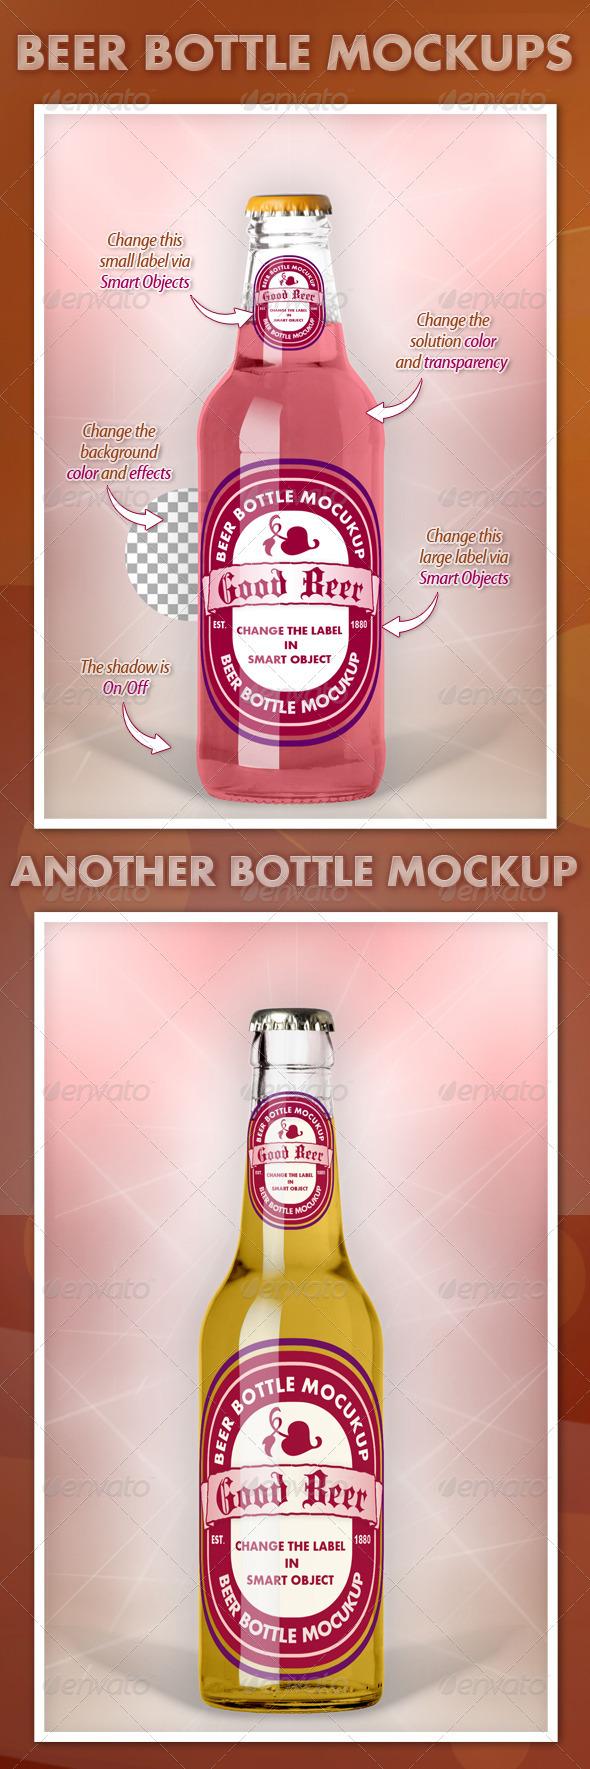 GraphicRiver Beer Bottle Mockups 3421705